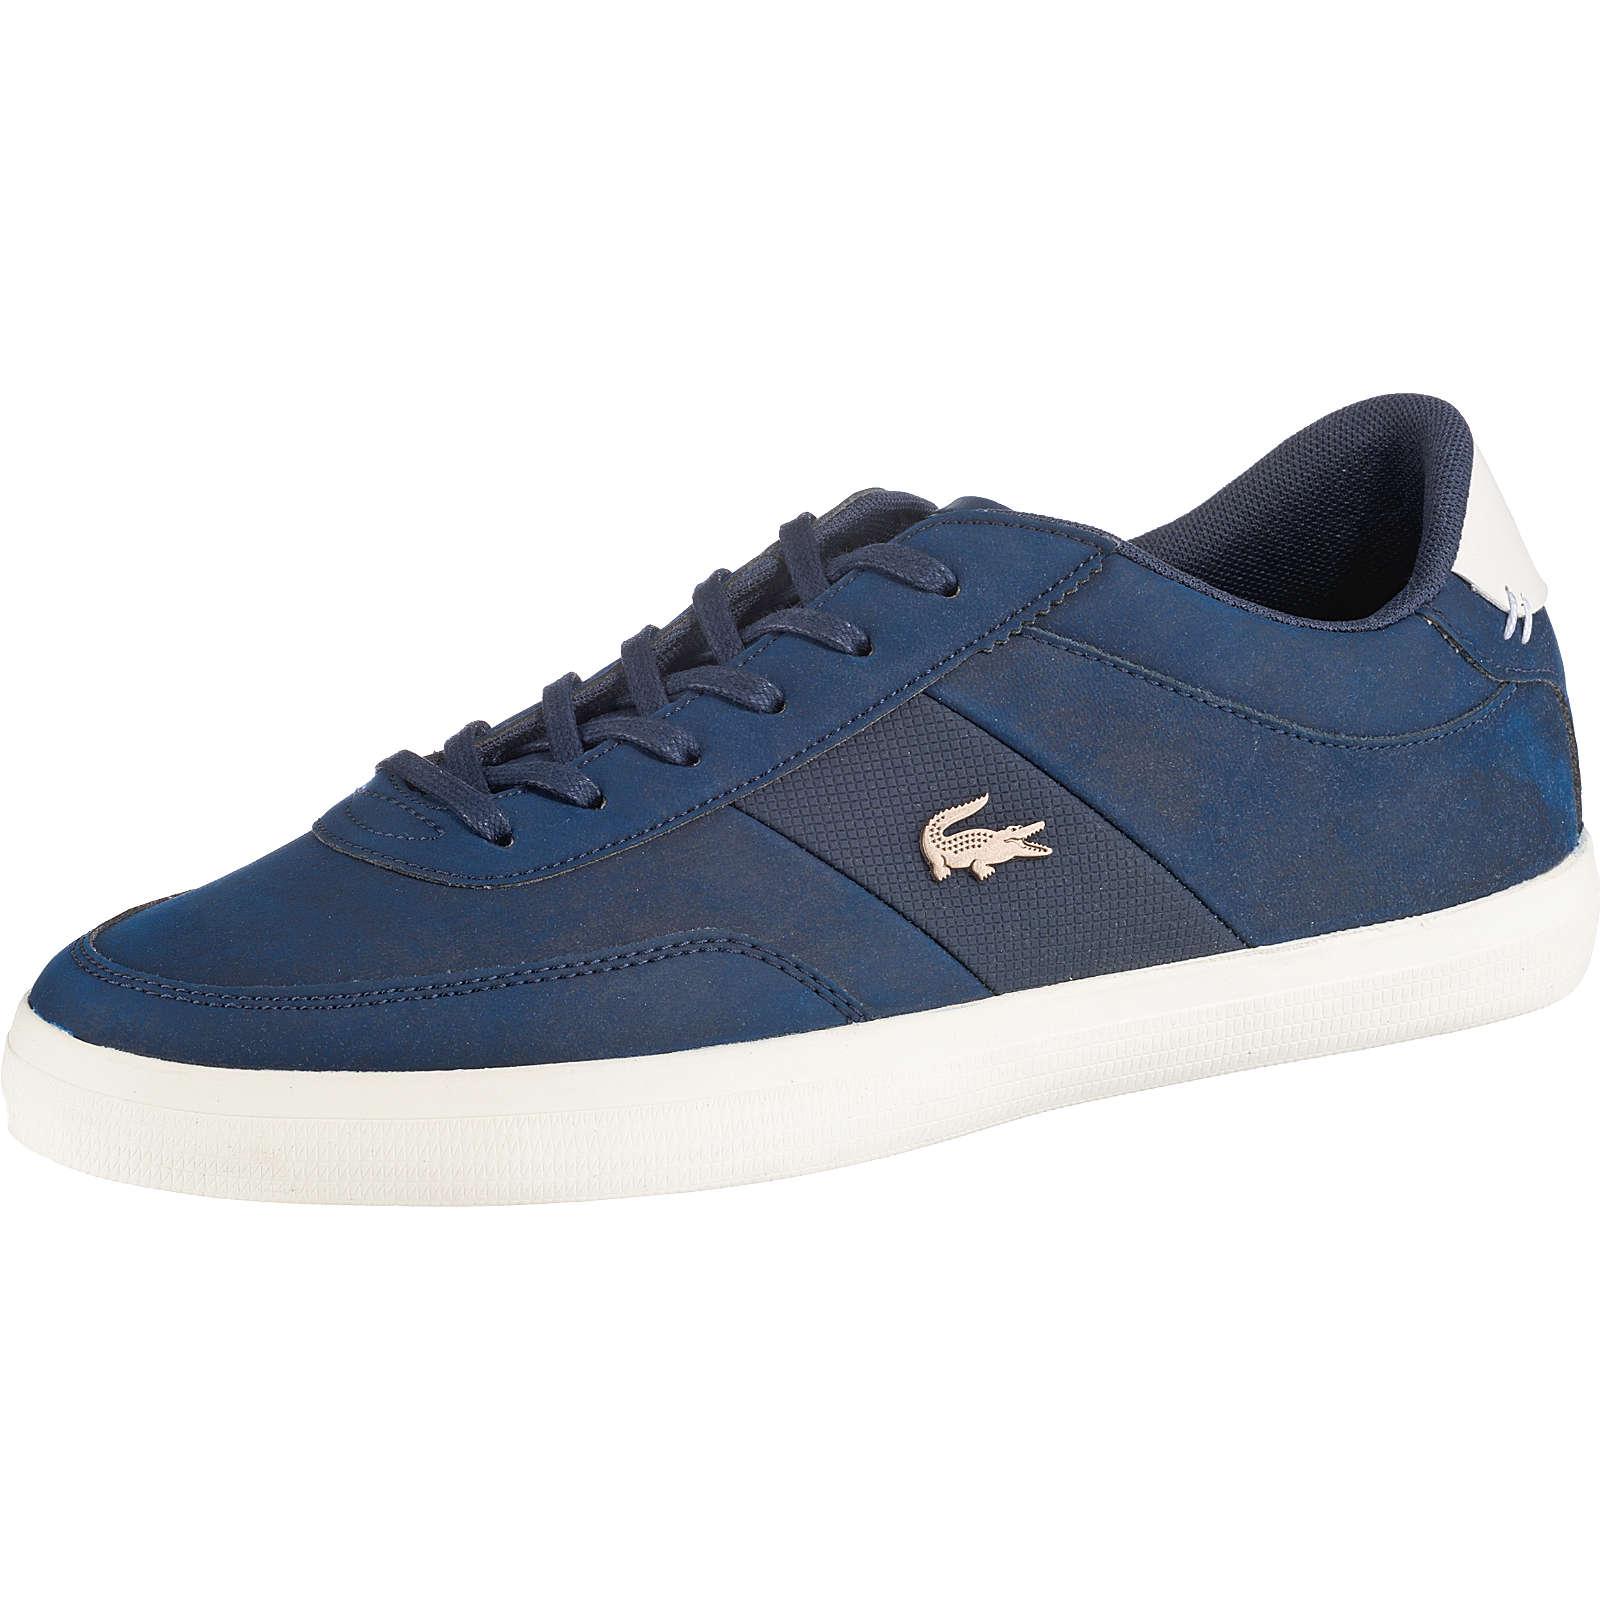 LACOSTE Court-Master Sneakers Low dunkelblau Herren Gr. 45